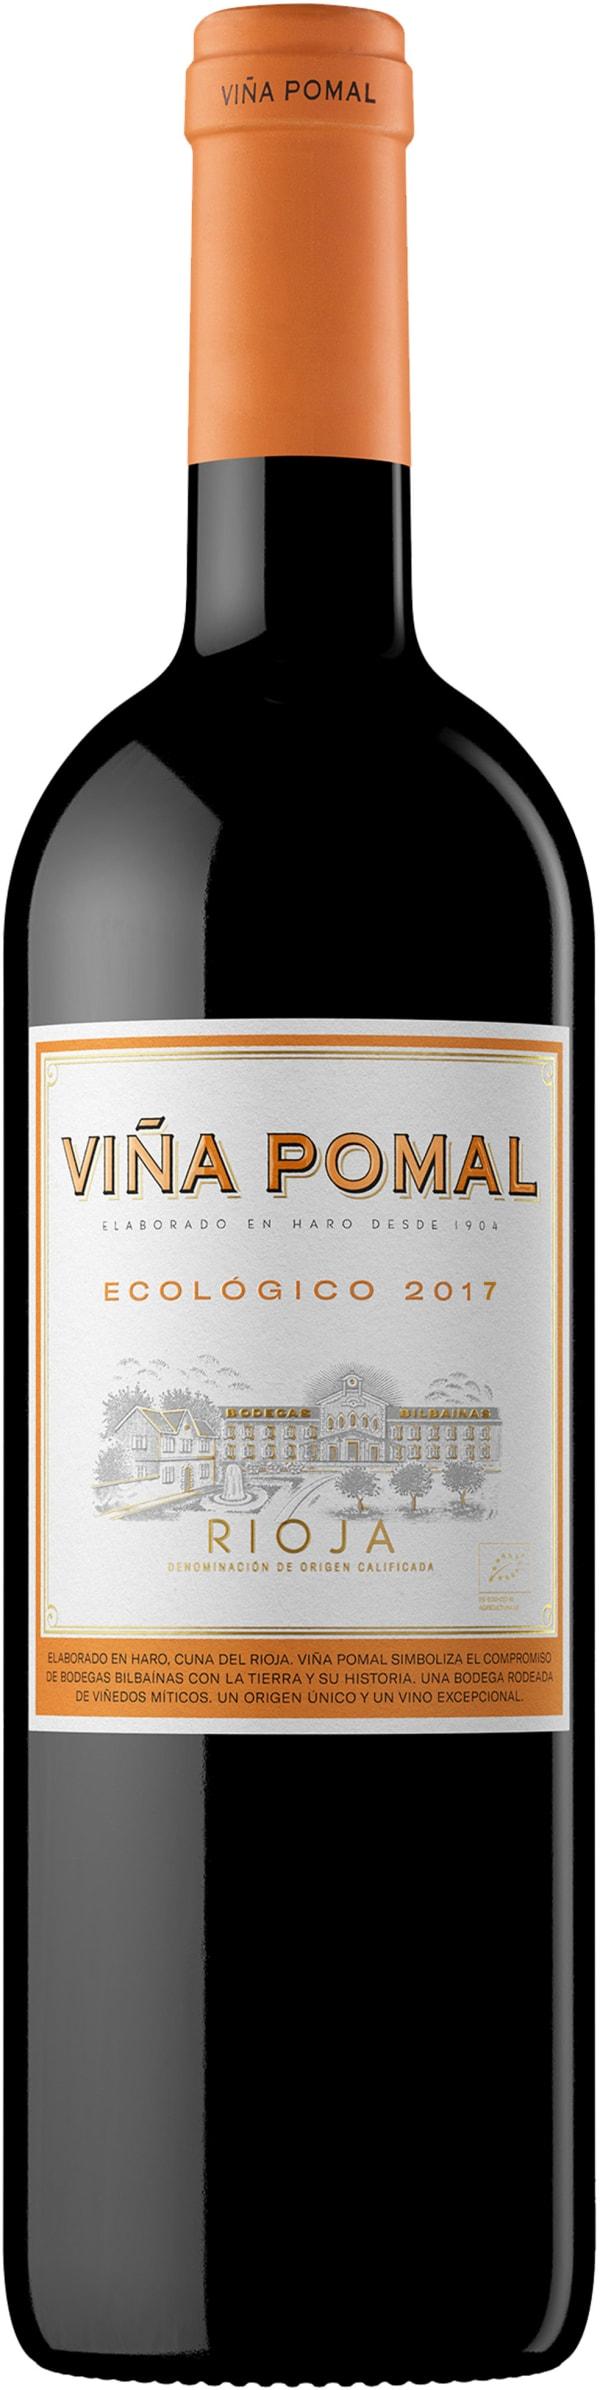 Viña Pomal Ecologico 2018